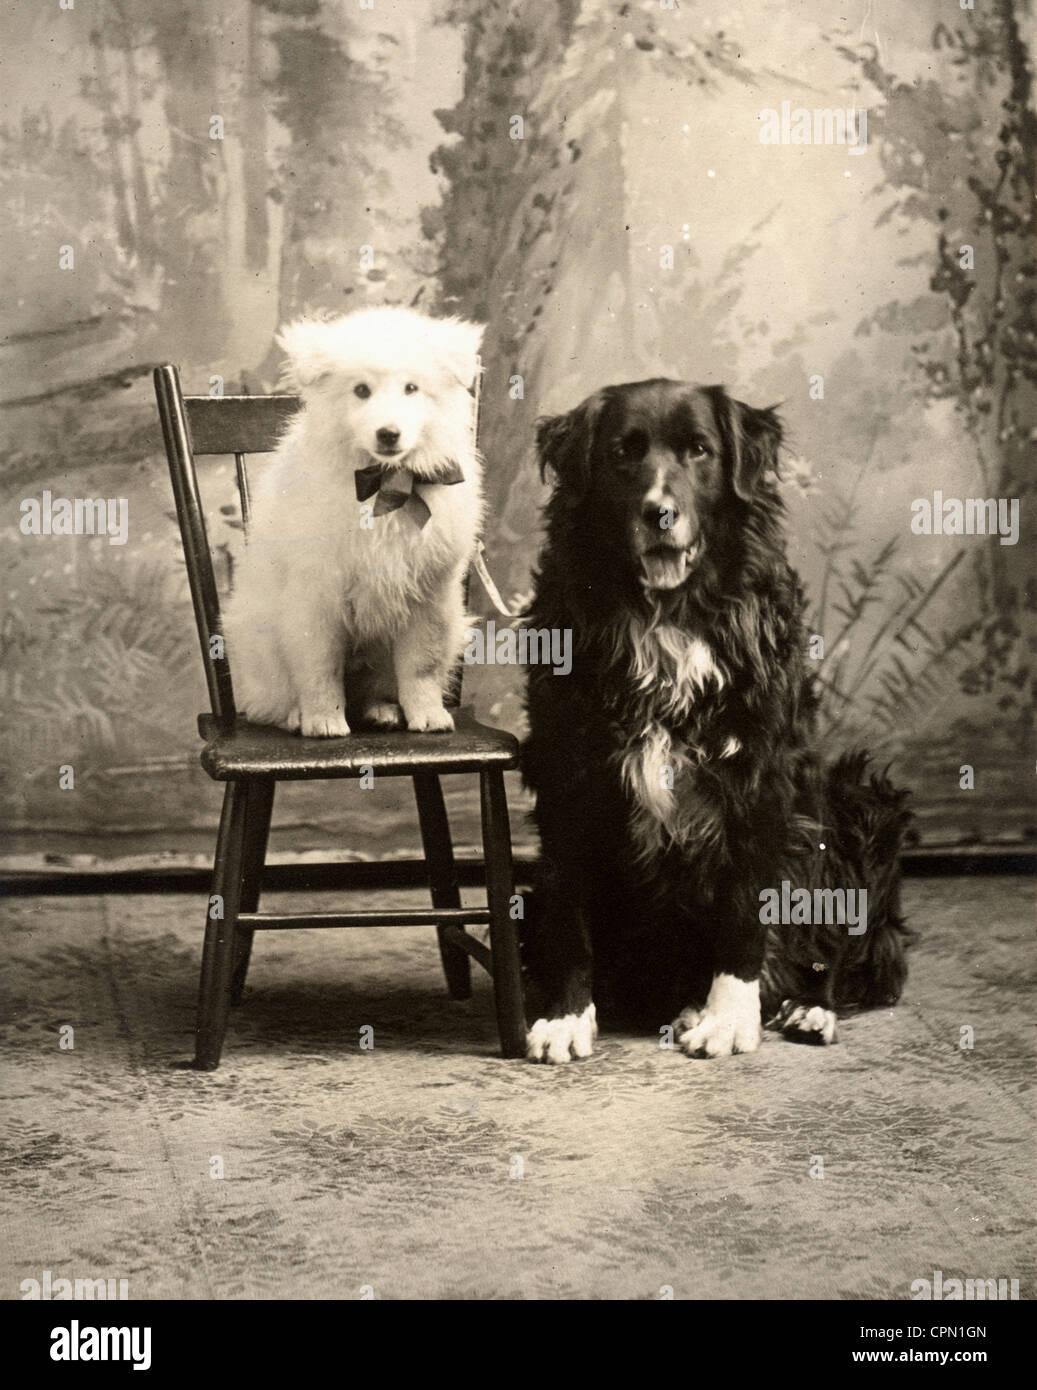 Adorable Dog Odd Couple - Stock Image